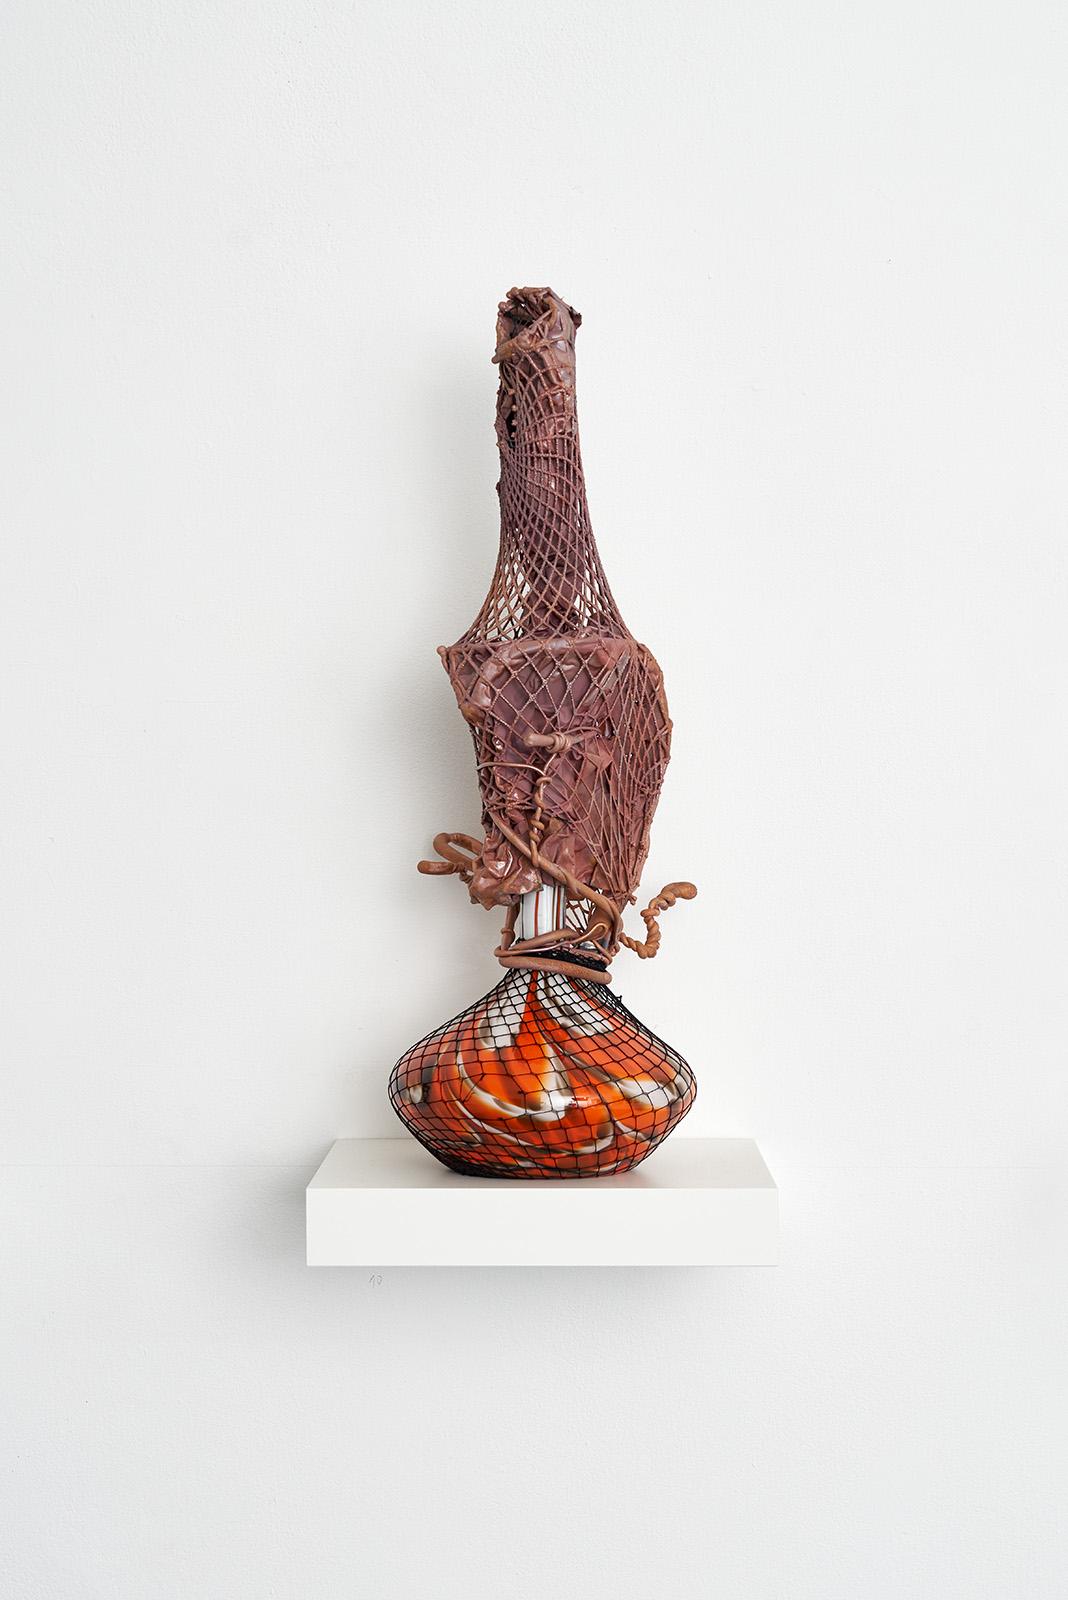 Foto-12-Vase-2-2021-Glas-Nylon-Kupfer-60-x-25-x-25-cm